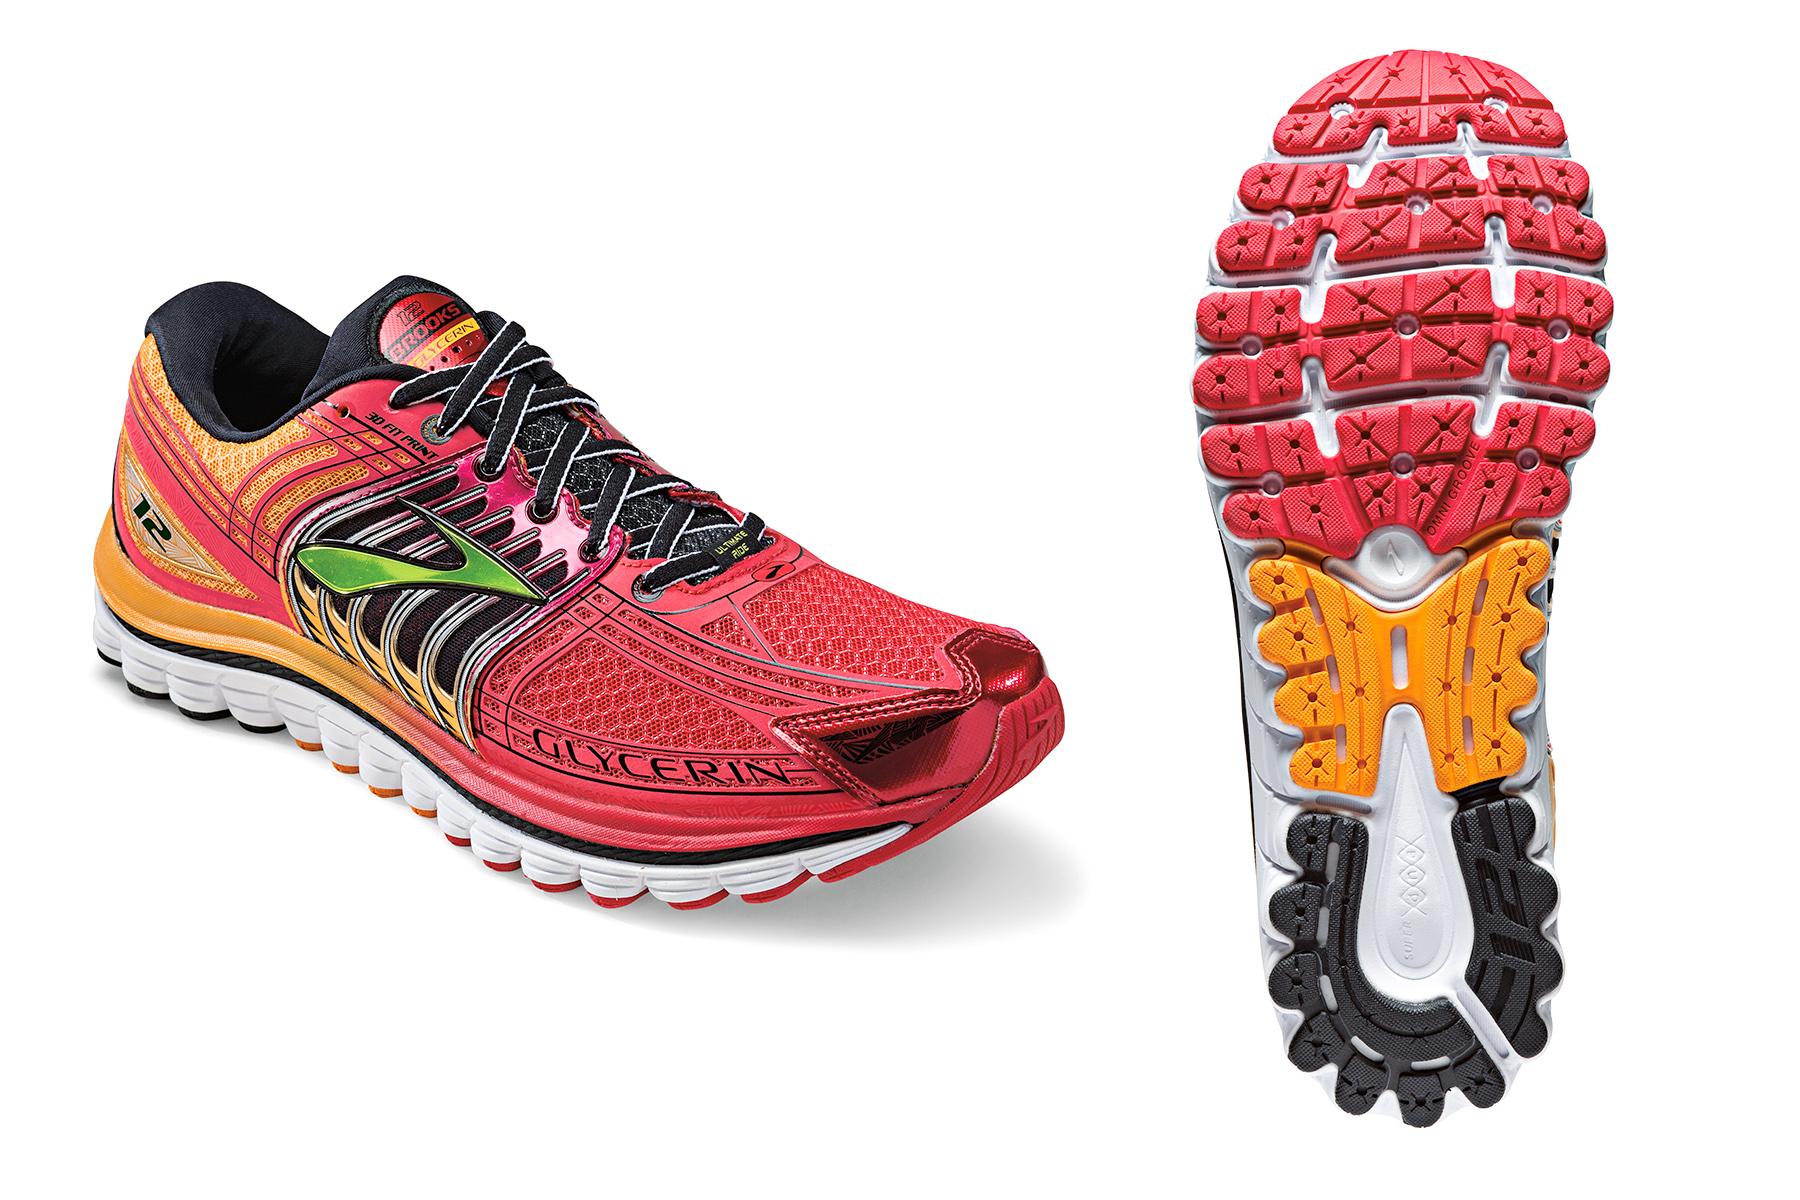 brooks shoes... blah blah blah